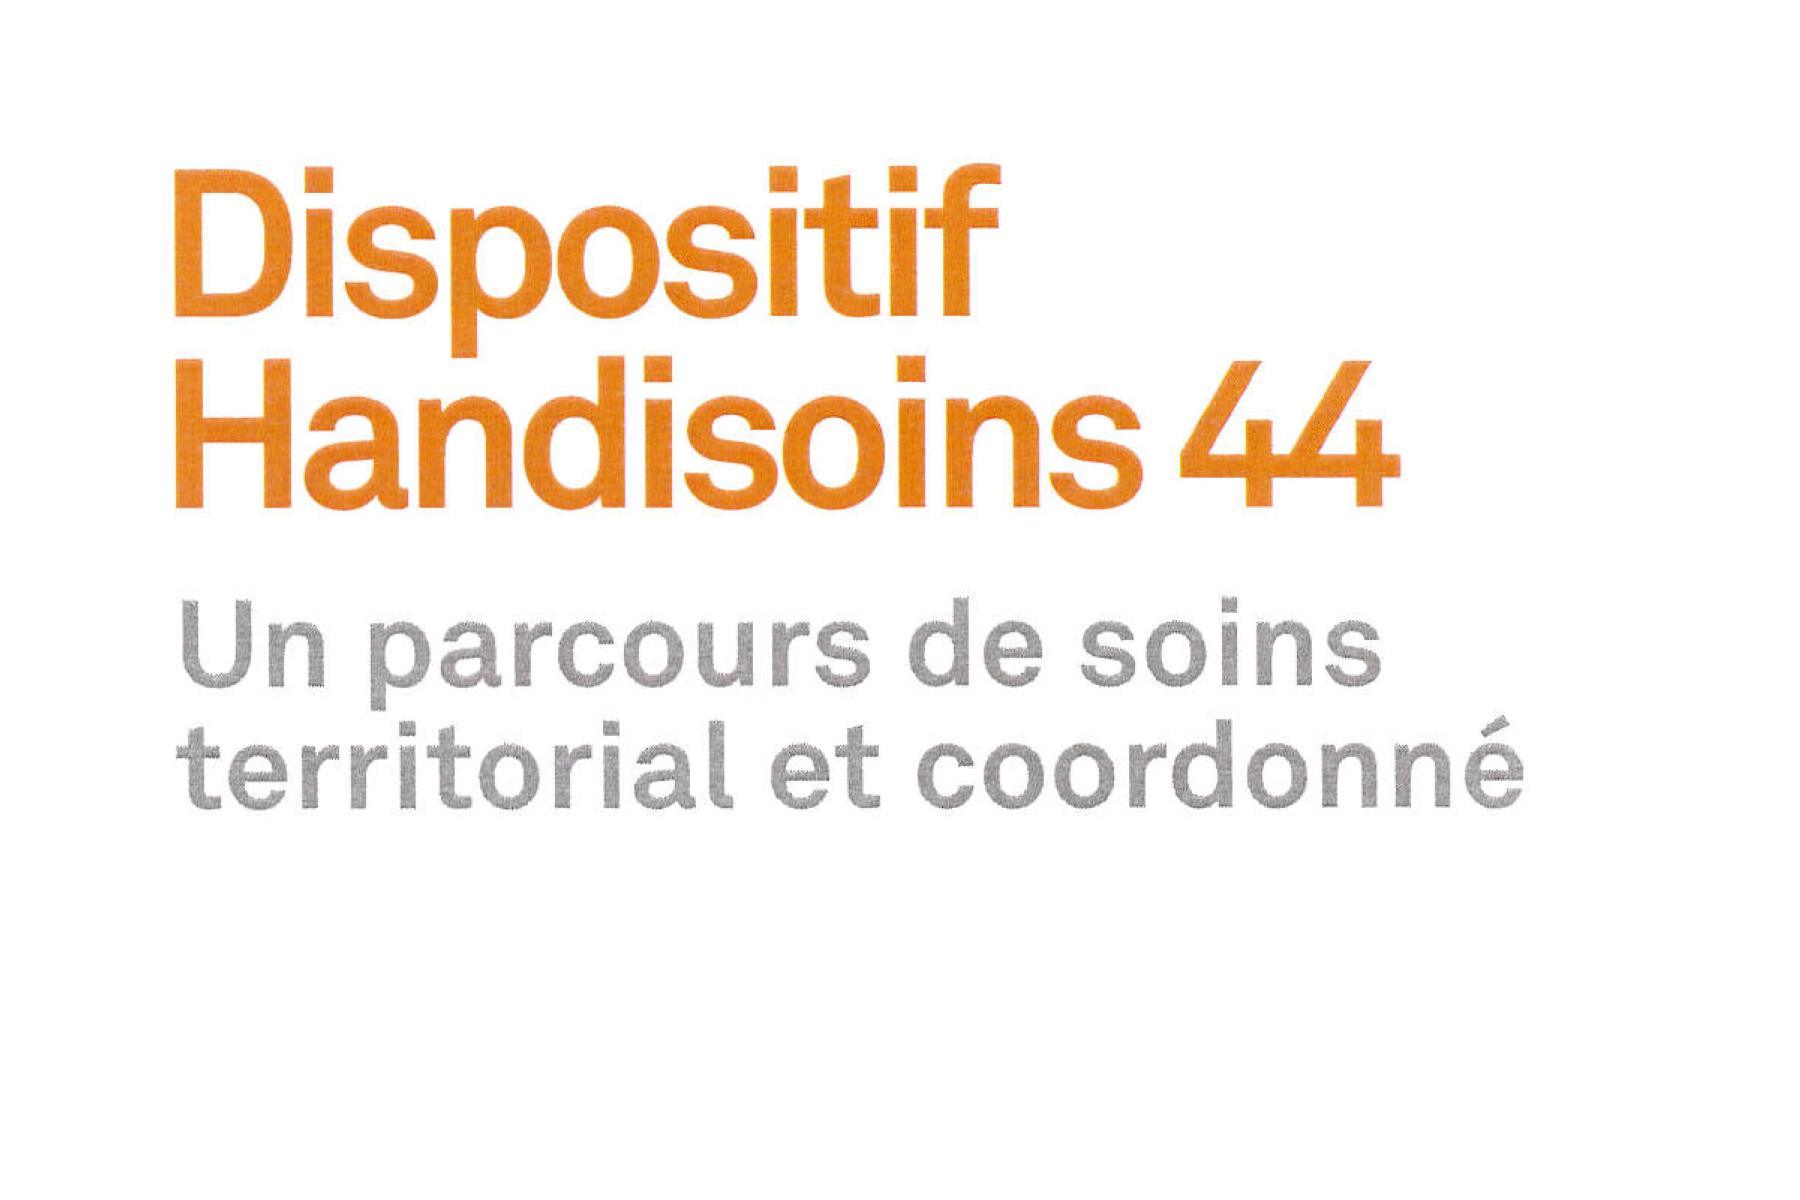 Dispositif Handisoins 44